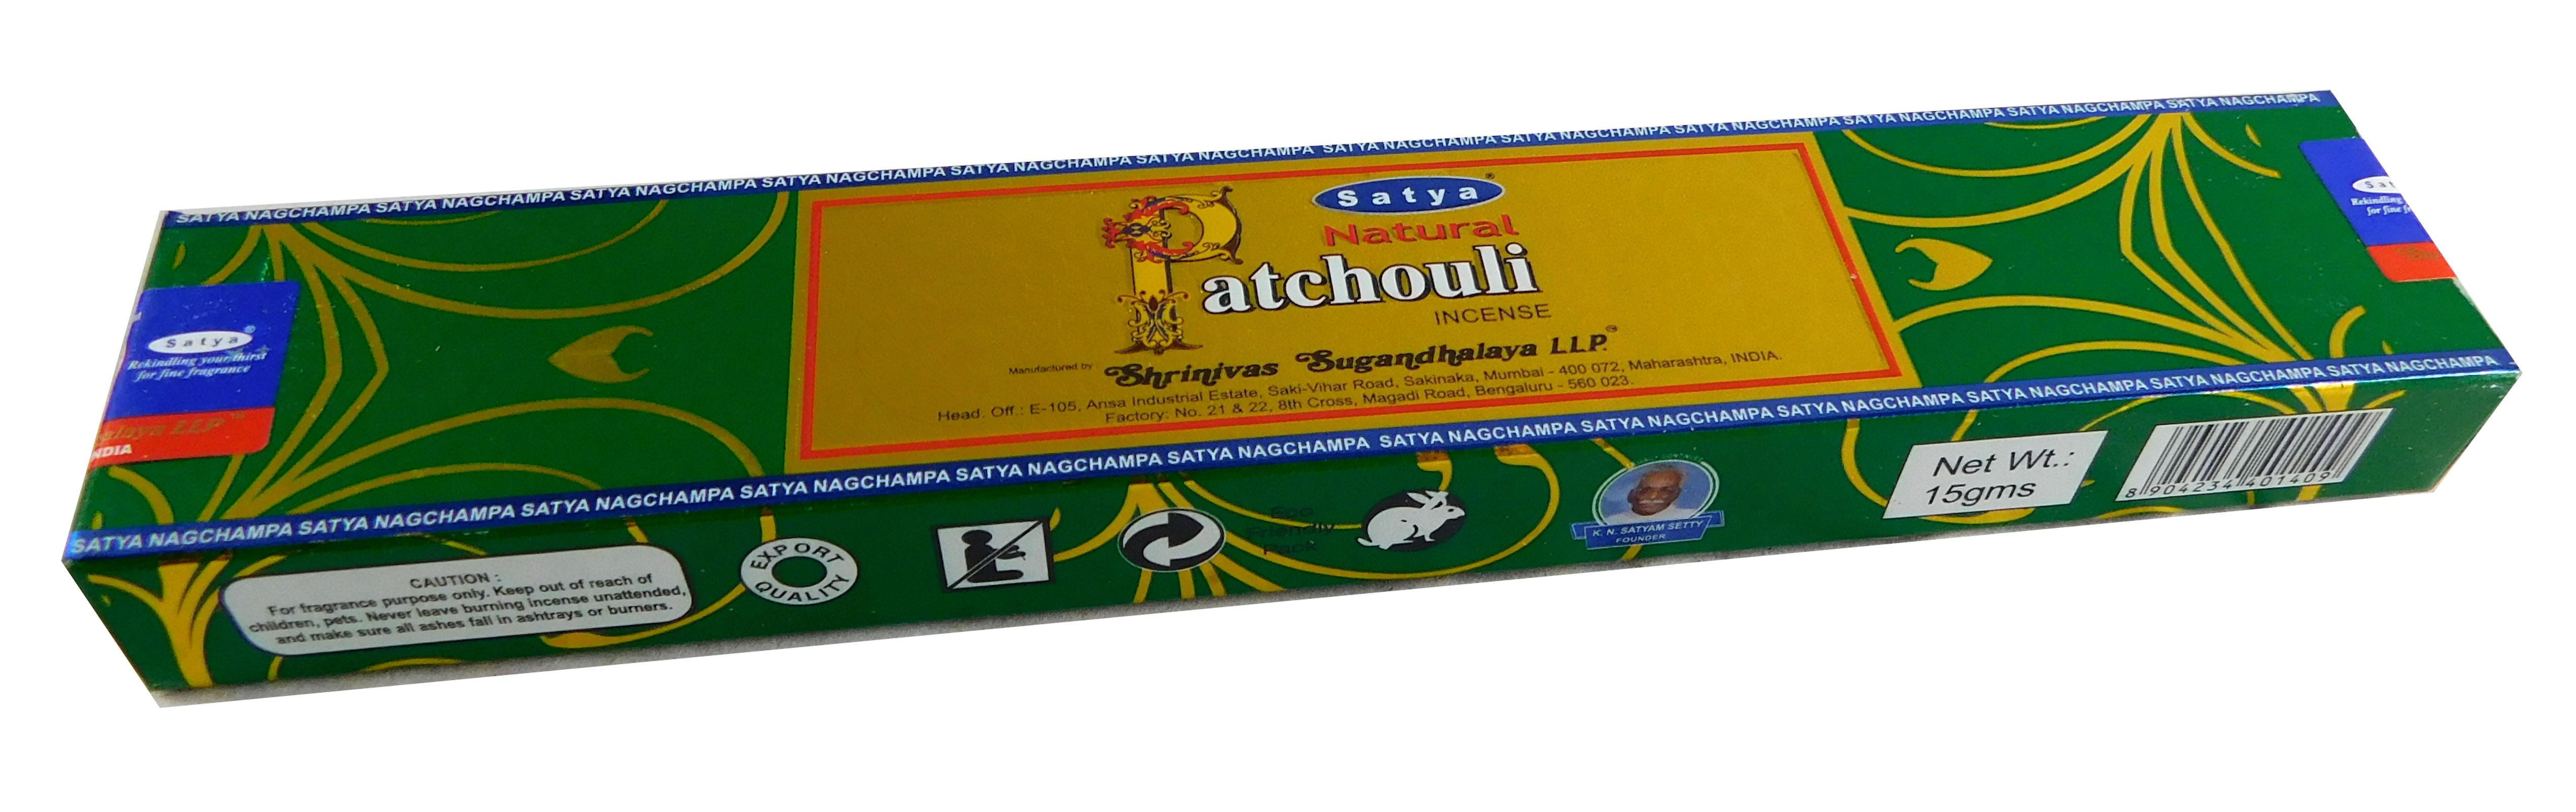 Räucherstäbchen Natural Patchouli von Satya 15g Packung. Ca. 15 Incence Sticks